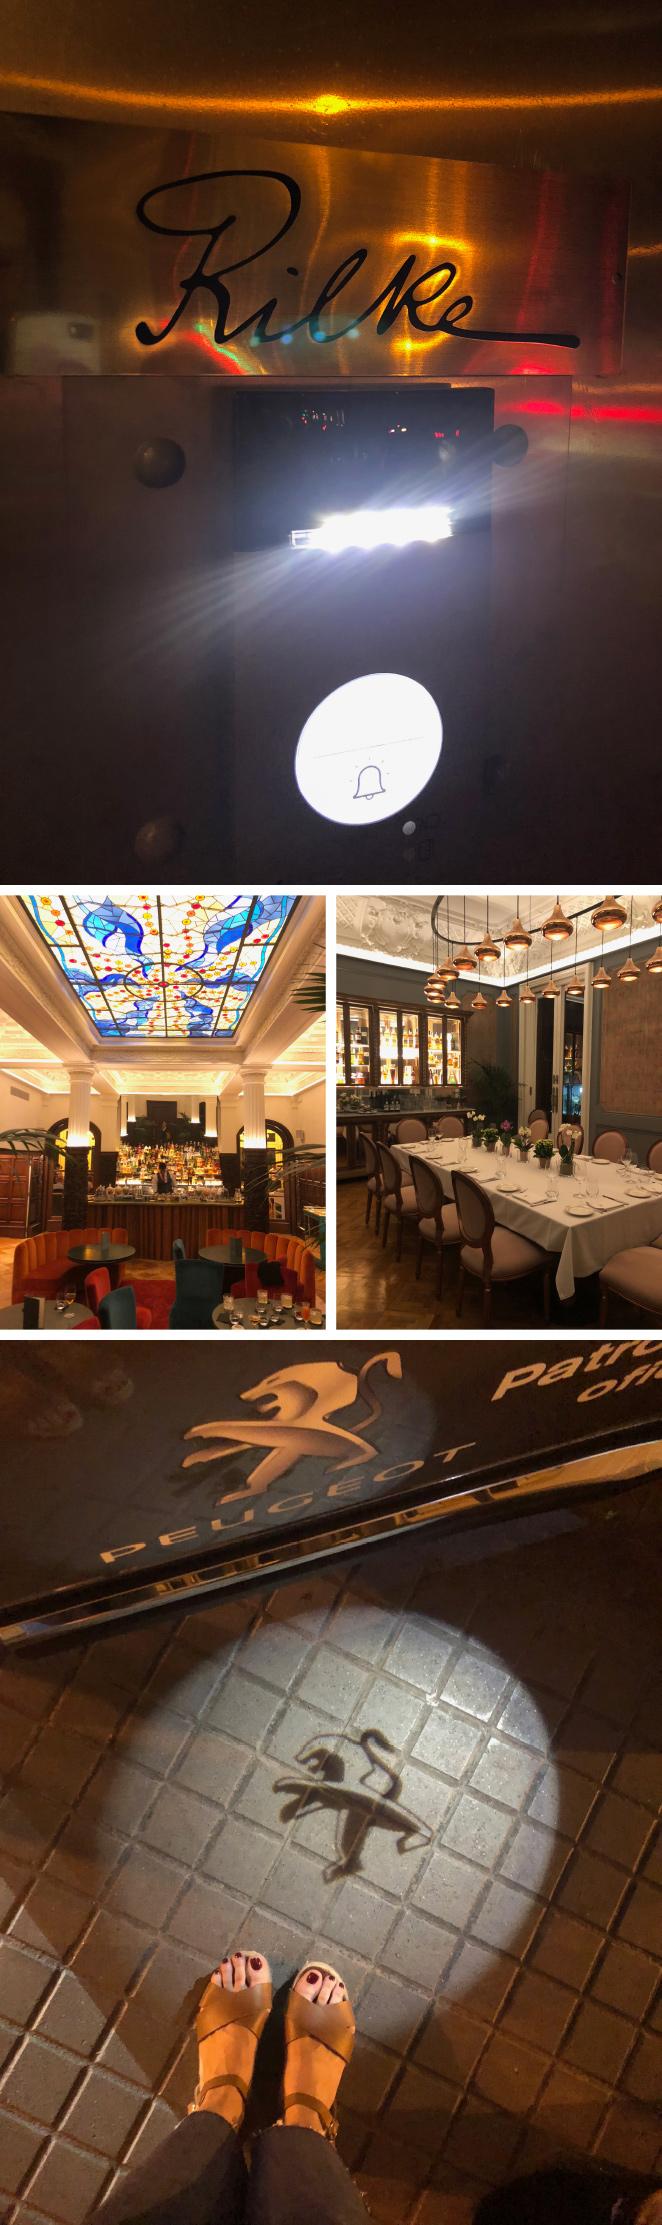 Para cenar, me encantó descubrir Rilke, un clásico y exclusivo restaurante de Barcelona con una propuesta de menú variada y de gran categoría con producto de temporada creada por los chefs Rafa Peña y Jaime Tejedor. Muy famosa es su coctelería también